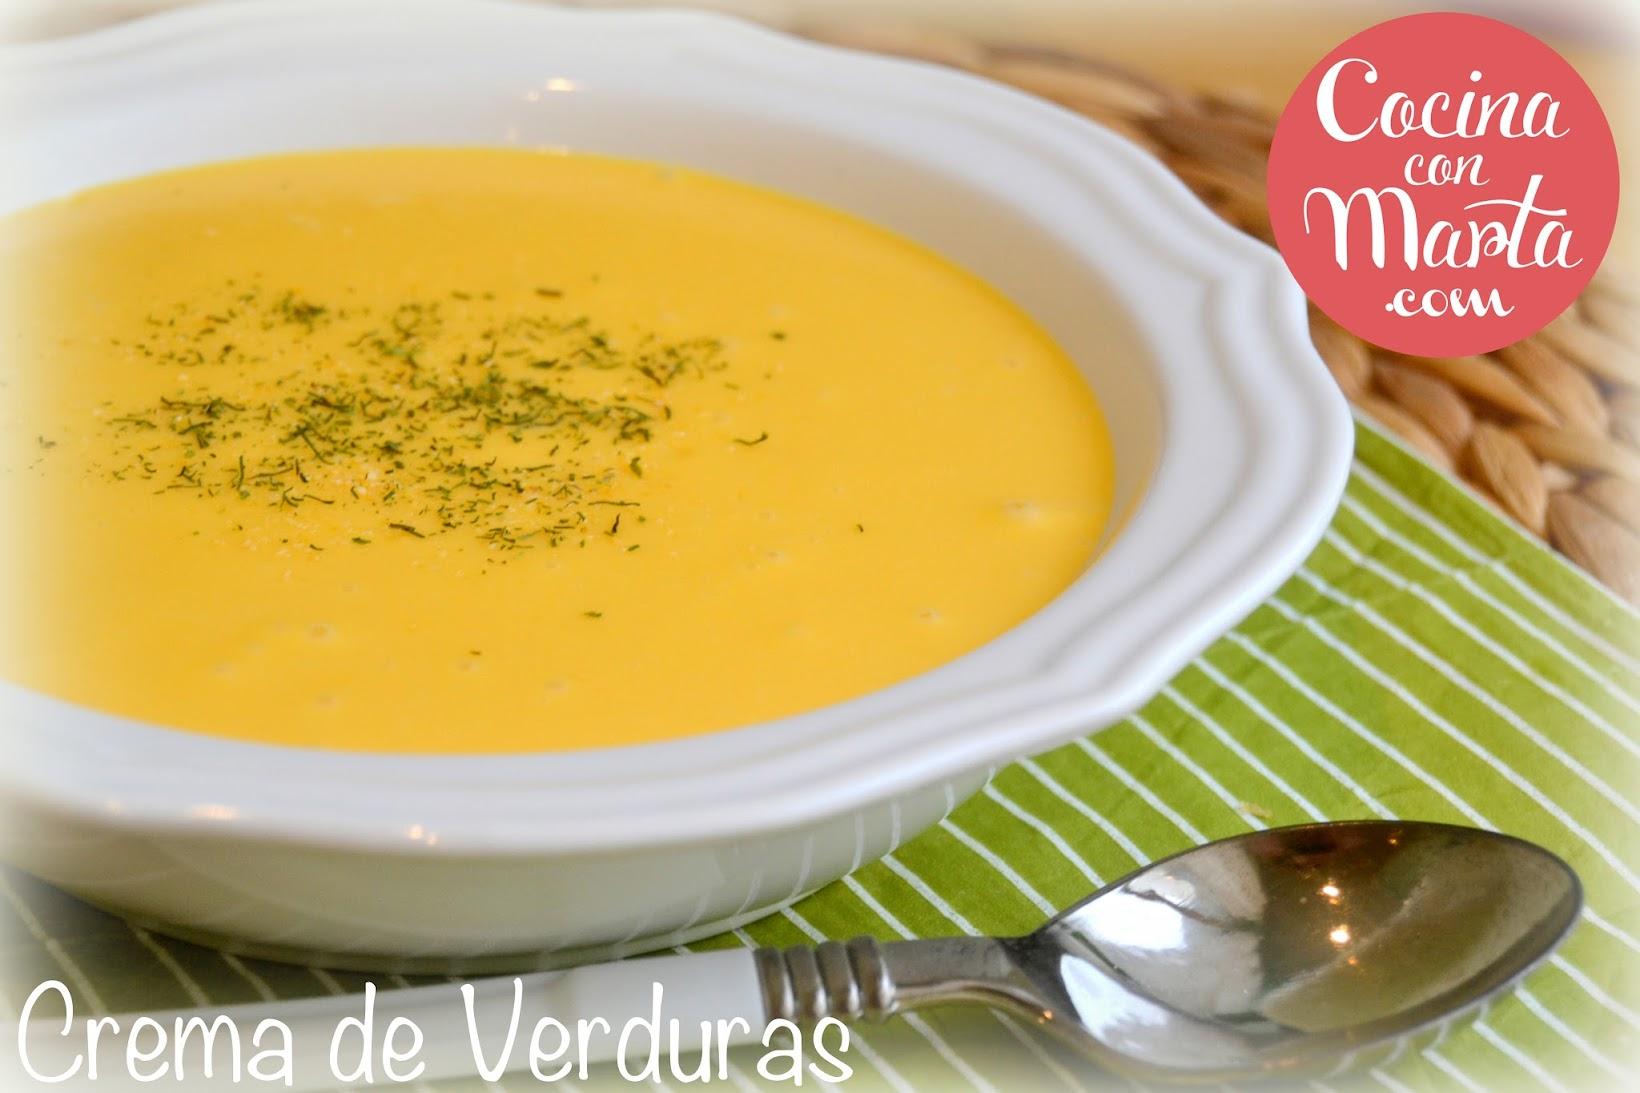 Crema de verduras, receta casera, calabaza, patata, zanahorias, puerro, quesitos, Cocina con Marta, ligera, dieta, fácil, rápida